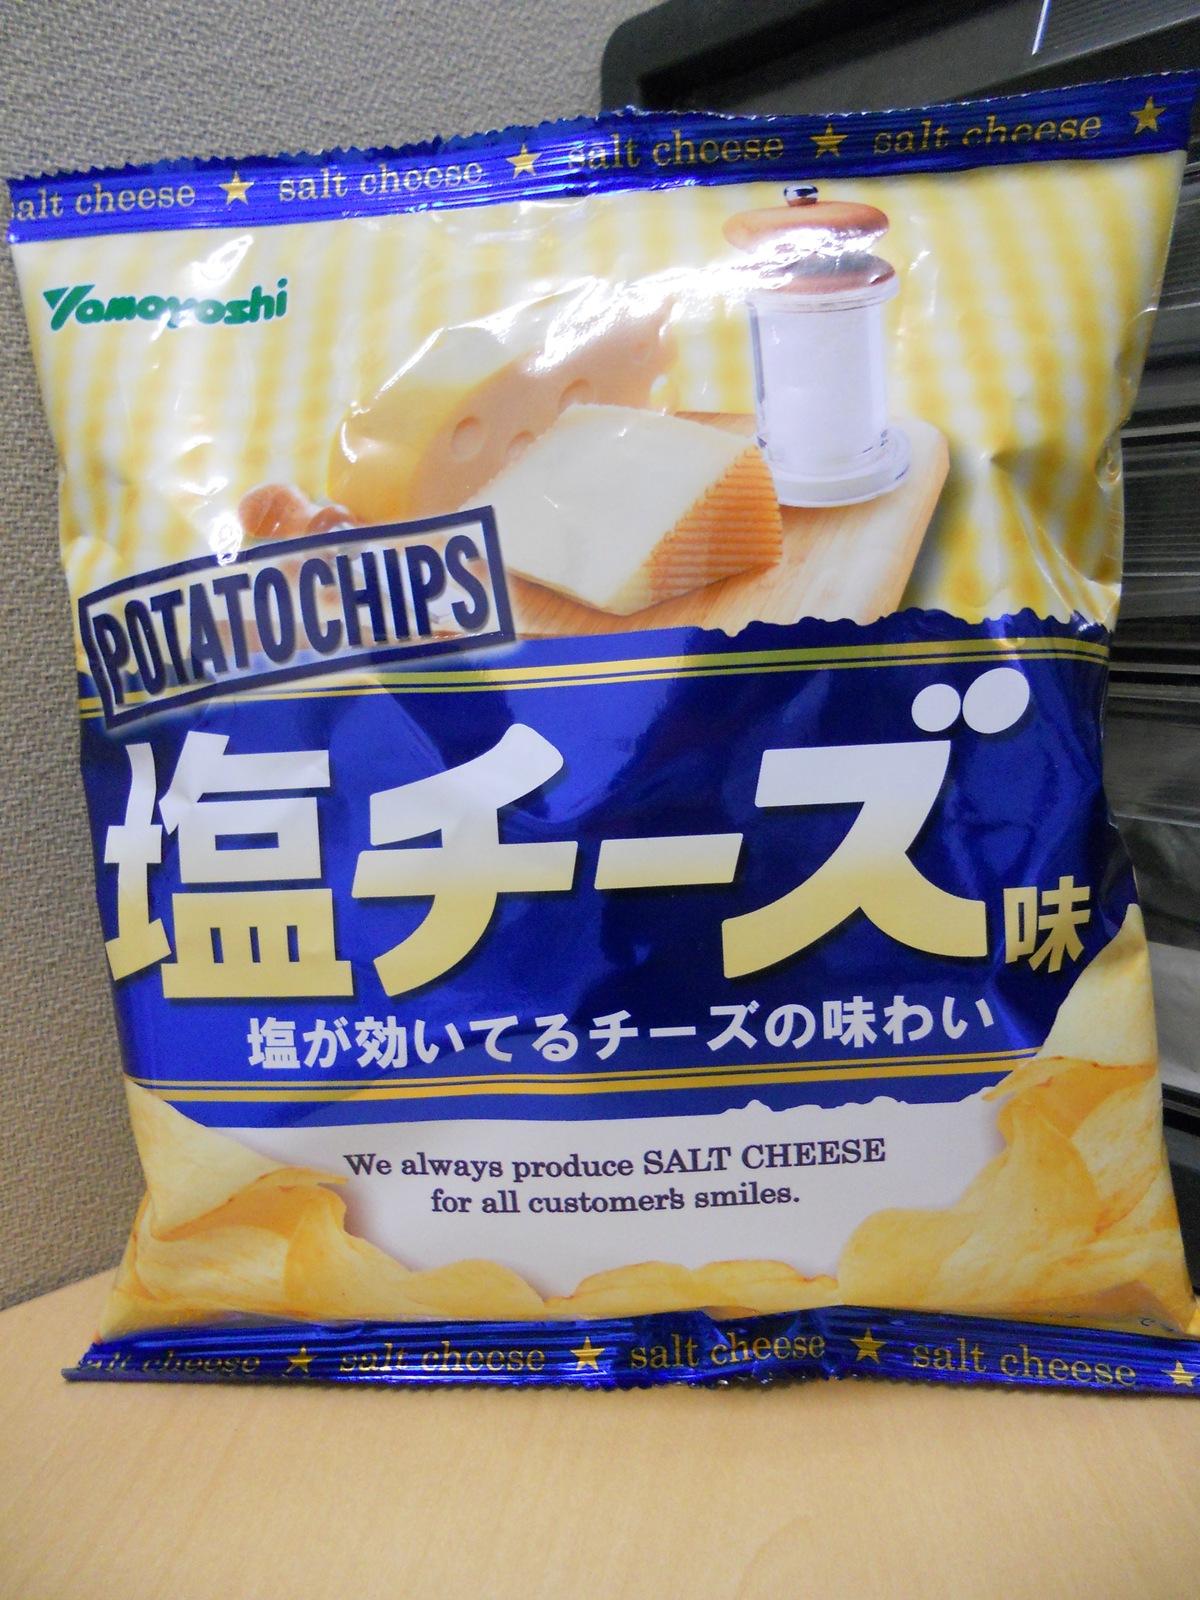 ポテトチップス 塩チーズ[ヤマヨシ]:11.03.03